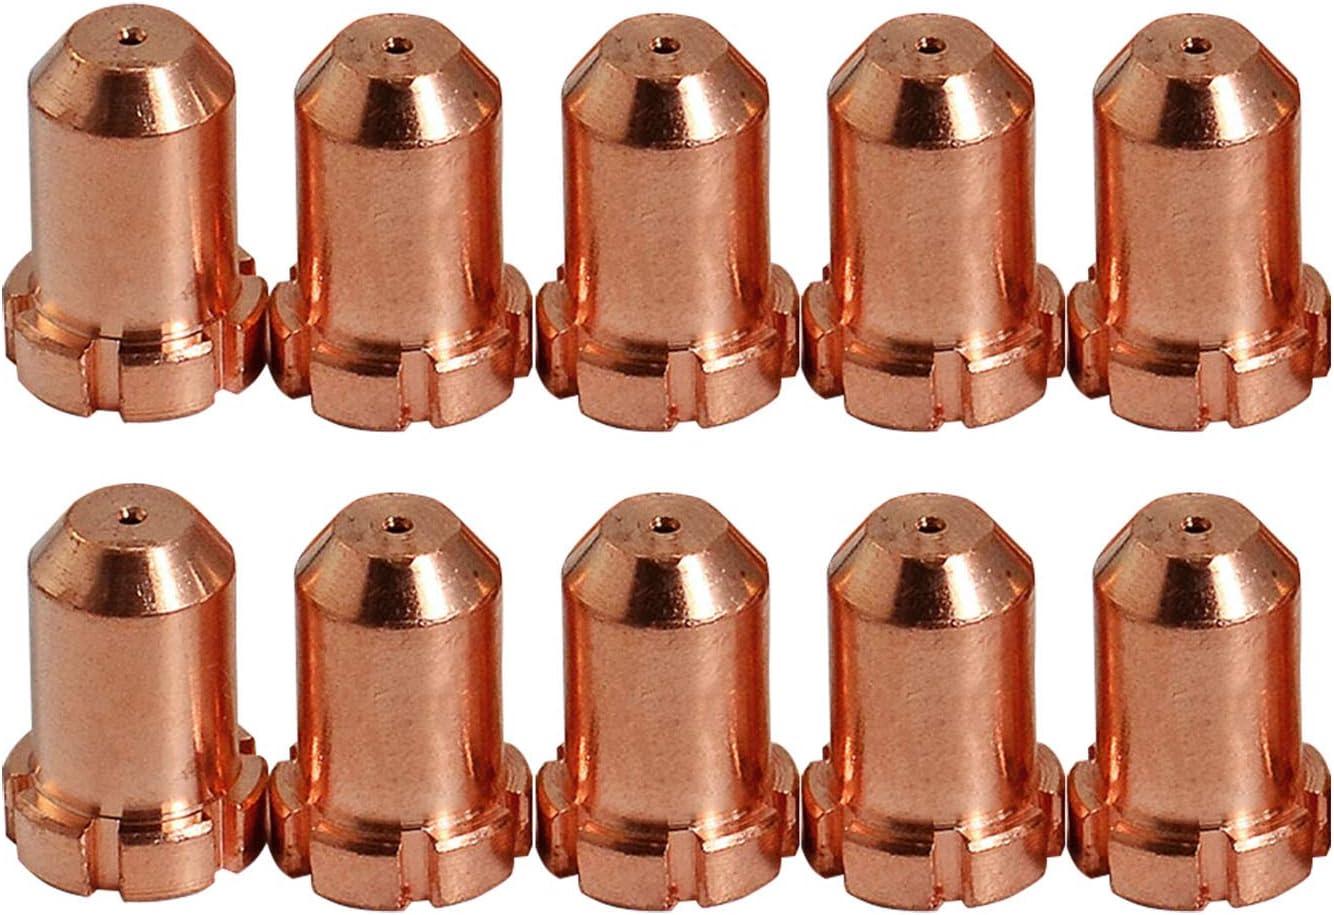 9-6501 Plasma Tip Thermal Dynamics PCH25 38 PCH-26 PCH M28 PCH M-35 40 42 10PK